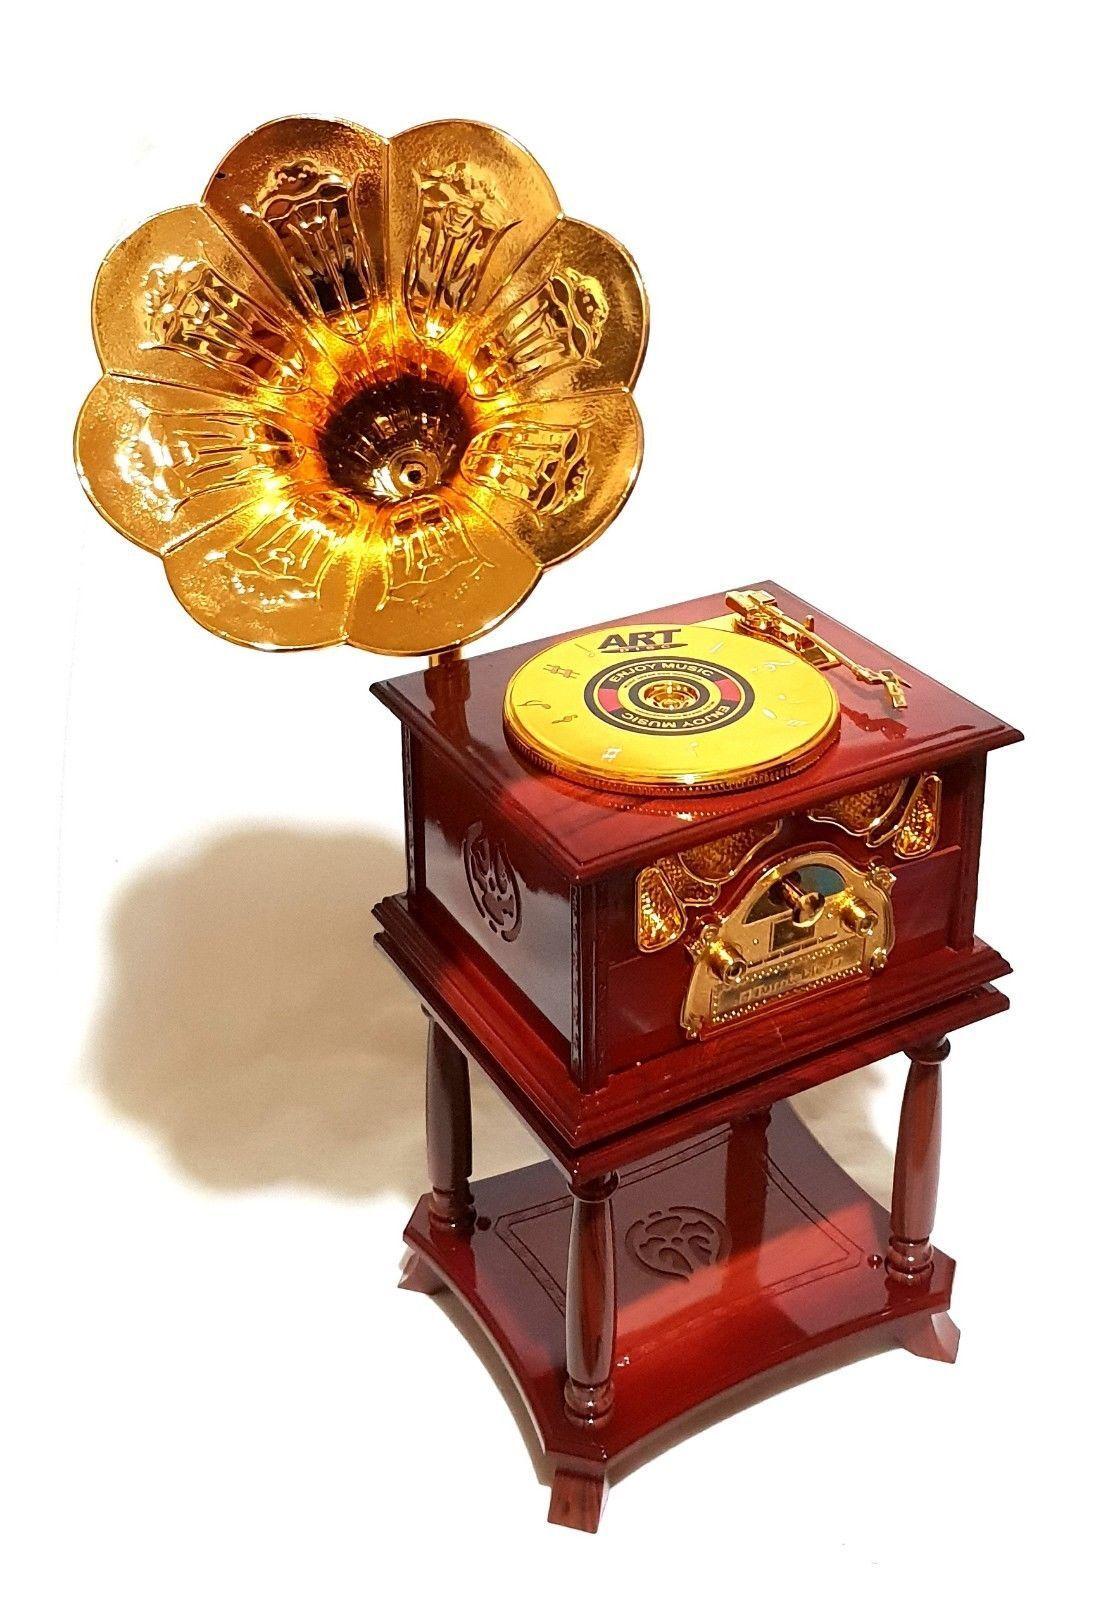 Schöne Retro Spieluhr Grammophone Grammofon Musik Melodie Spieldose Schallplatte